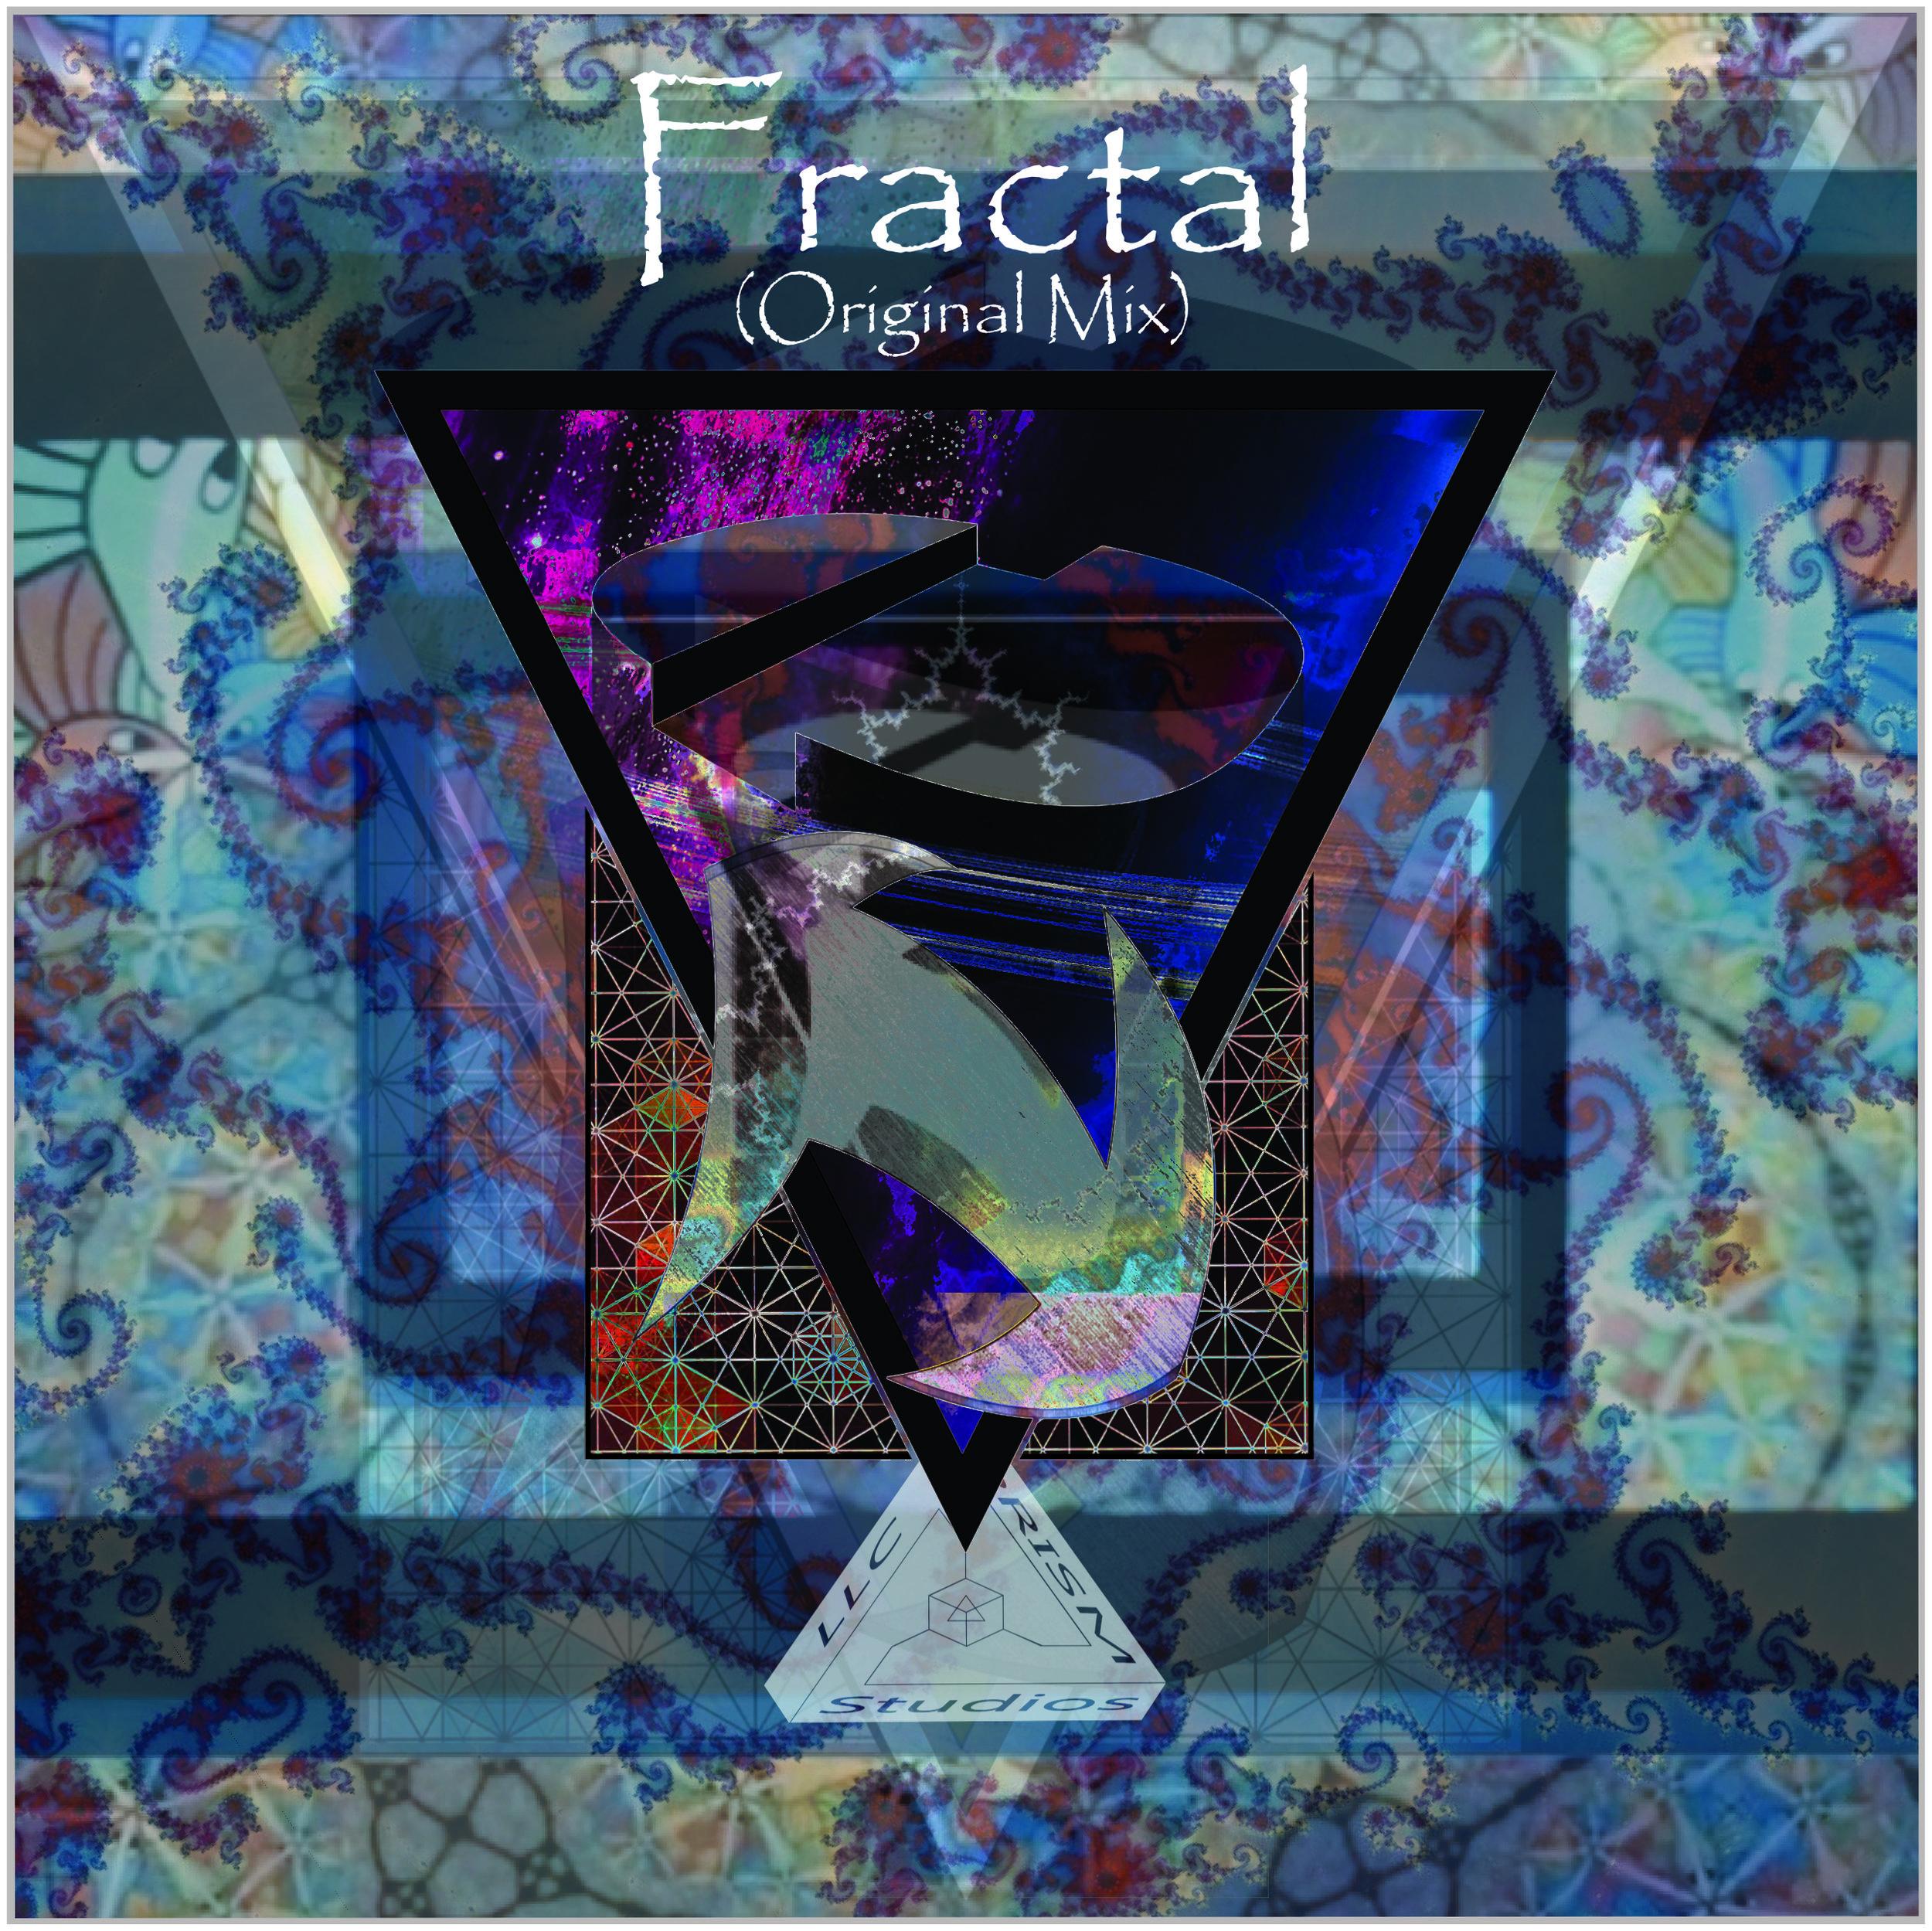 Fractal (Original Mix)